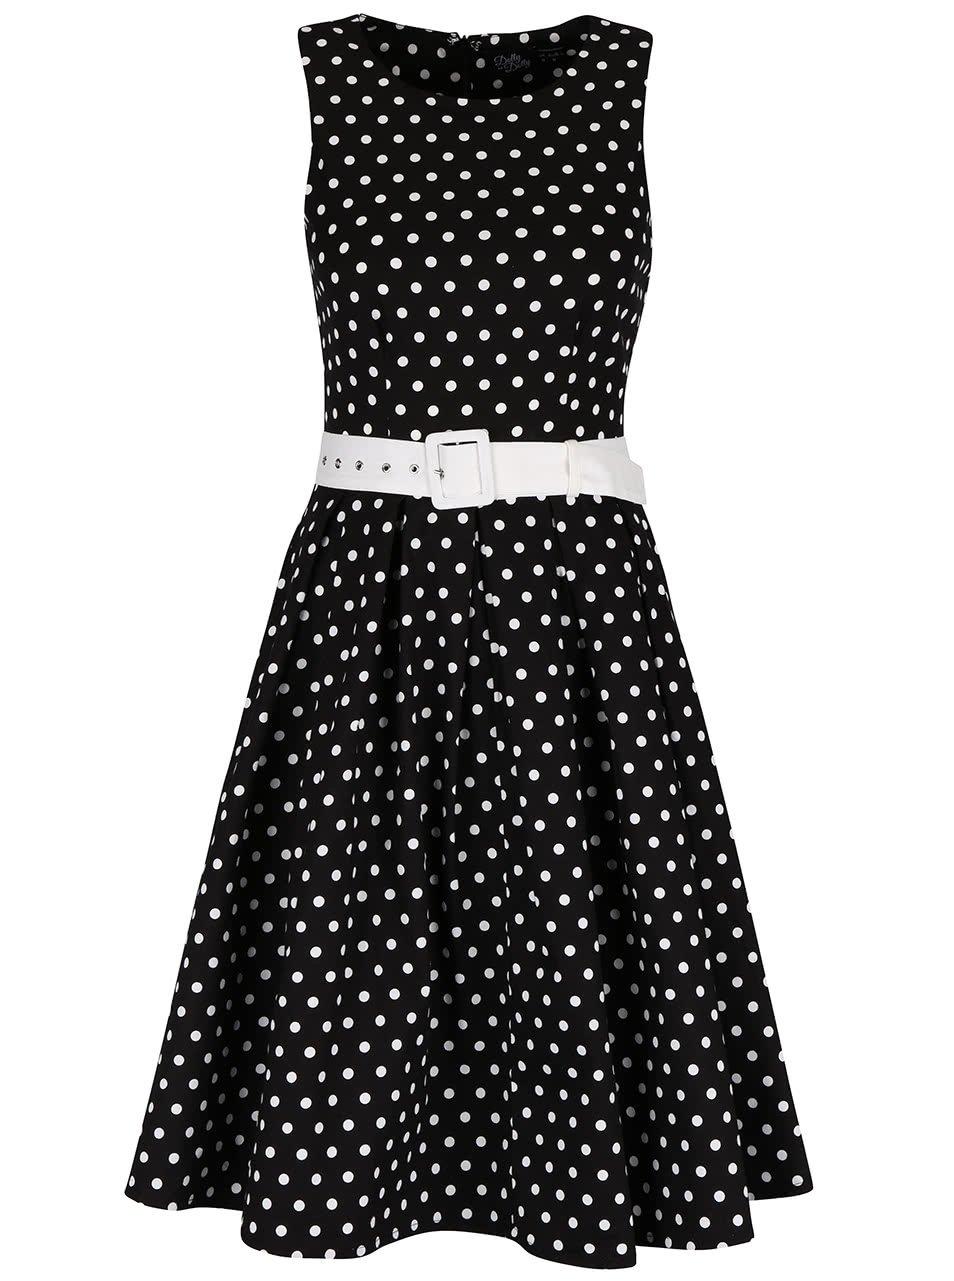 Černé šaty s puntíky Dolly & Dotty Lola